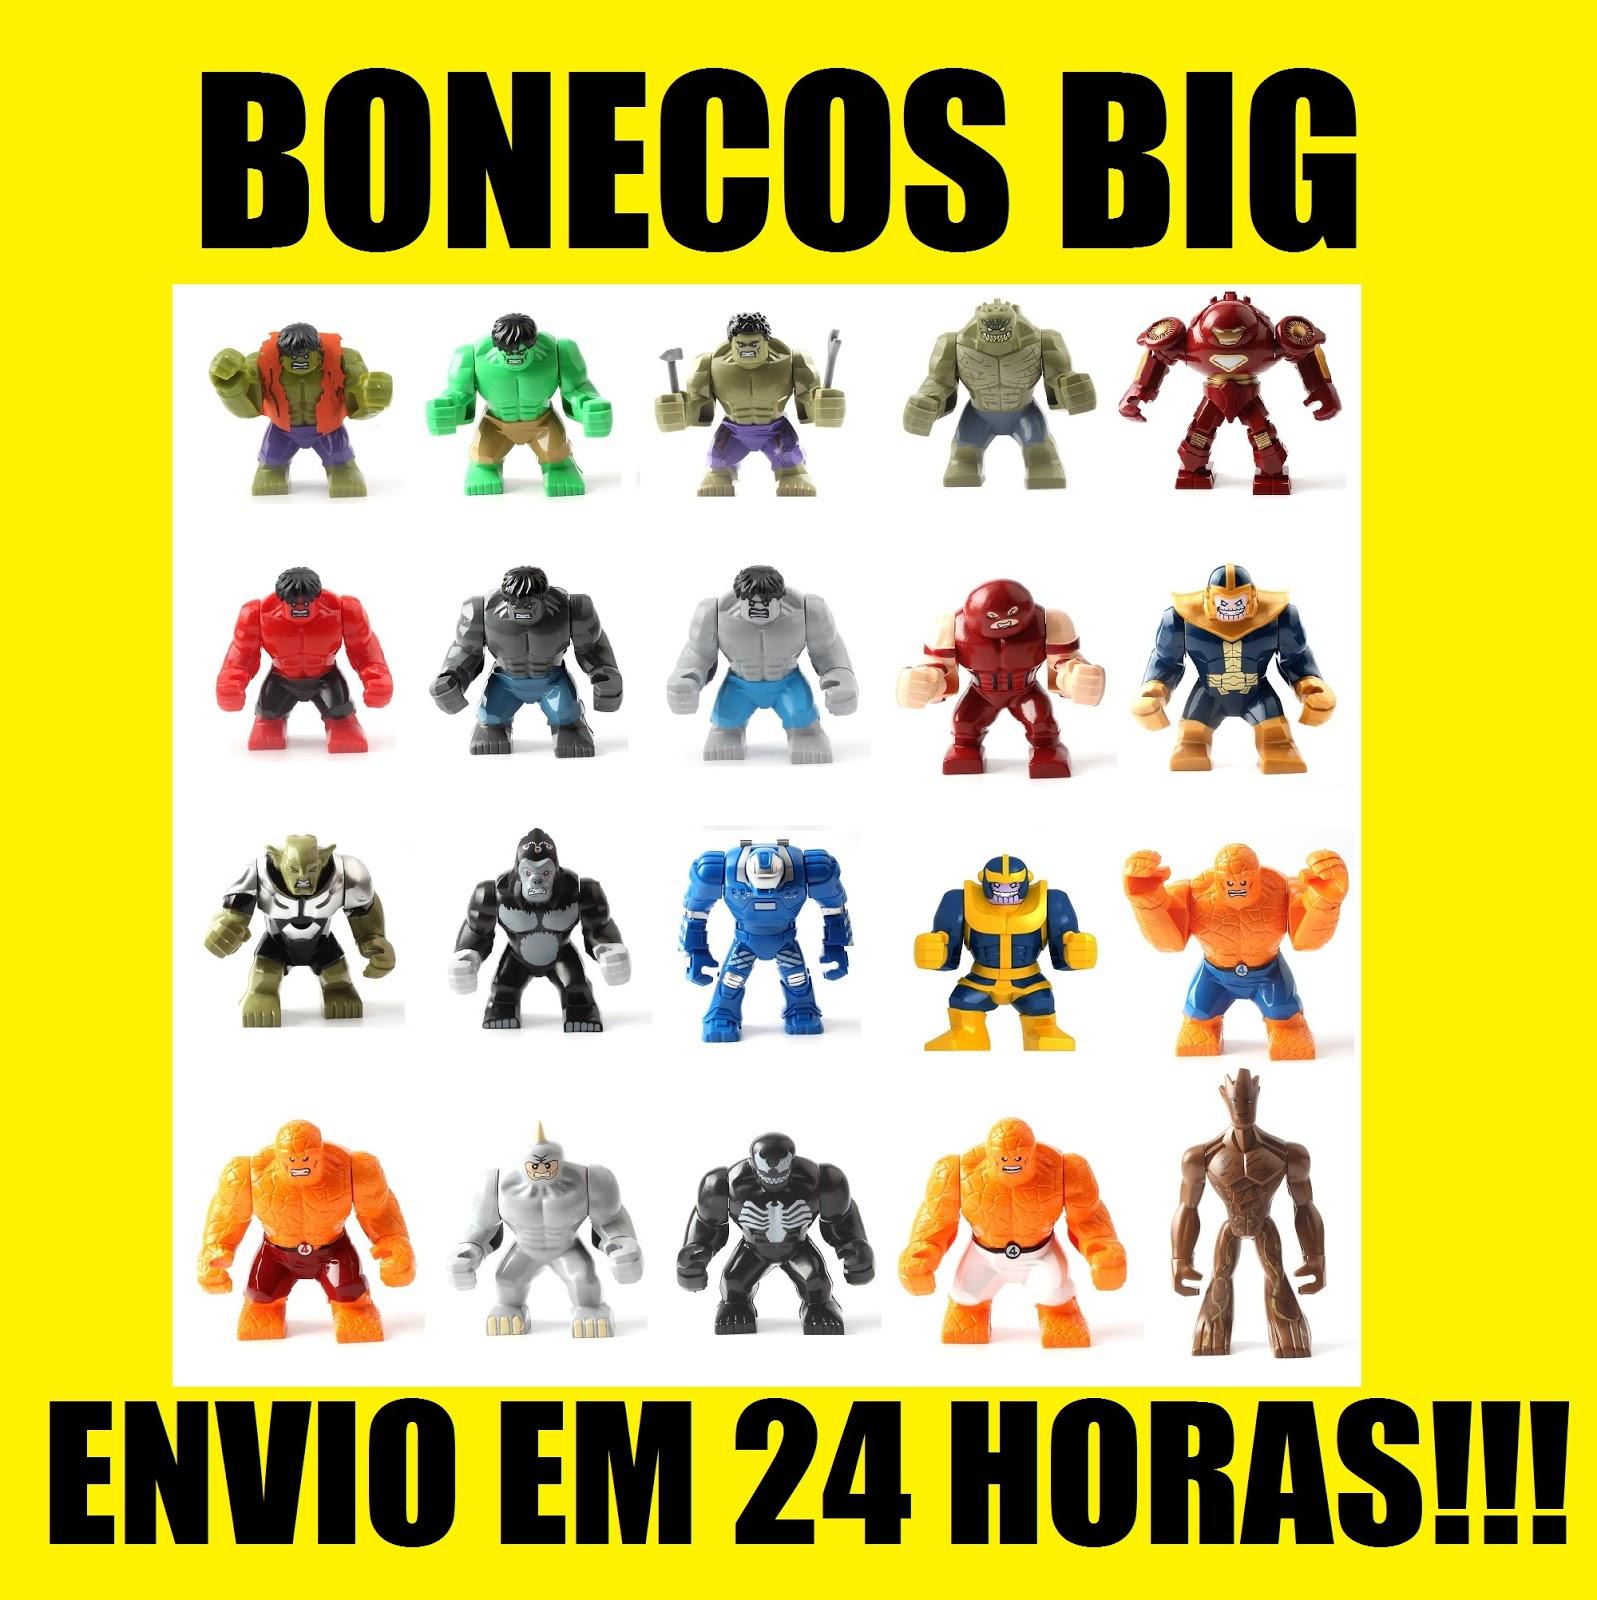 BONECO LEGO TAMANHO GRANDE BIG